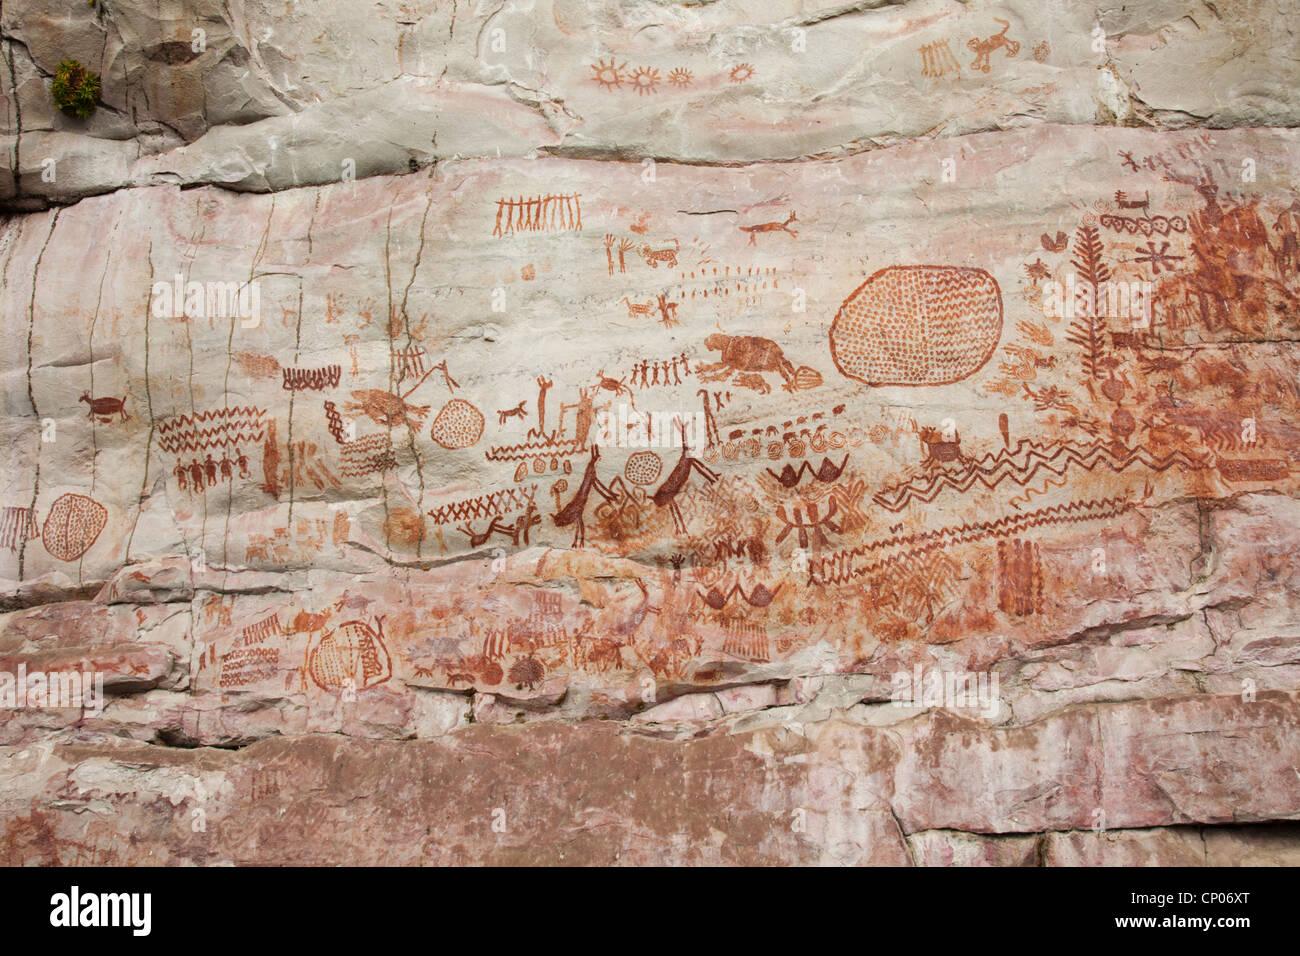 Pinturas Rupestres (pinturas rupestres) en Cerro Azul, Guaviare, Colombia, parte superior de la gama de Chiribiquete Imagen De Stock